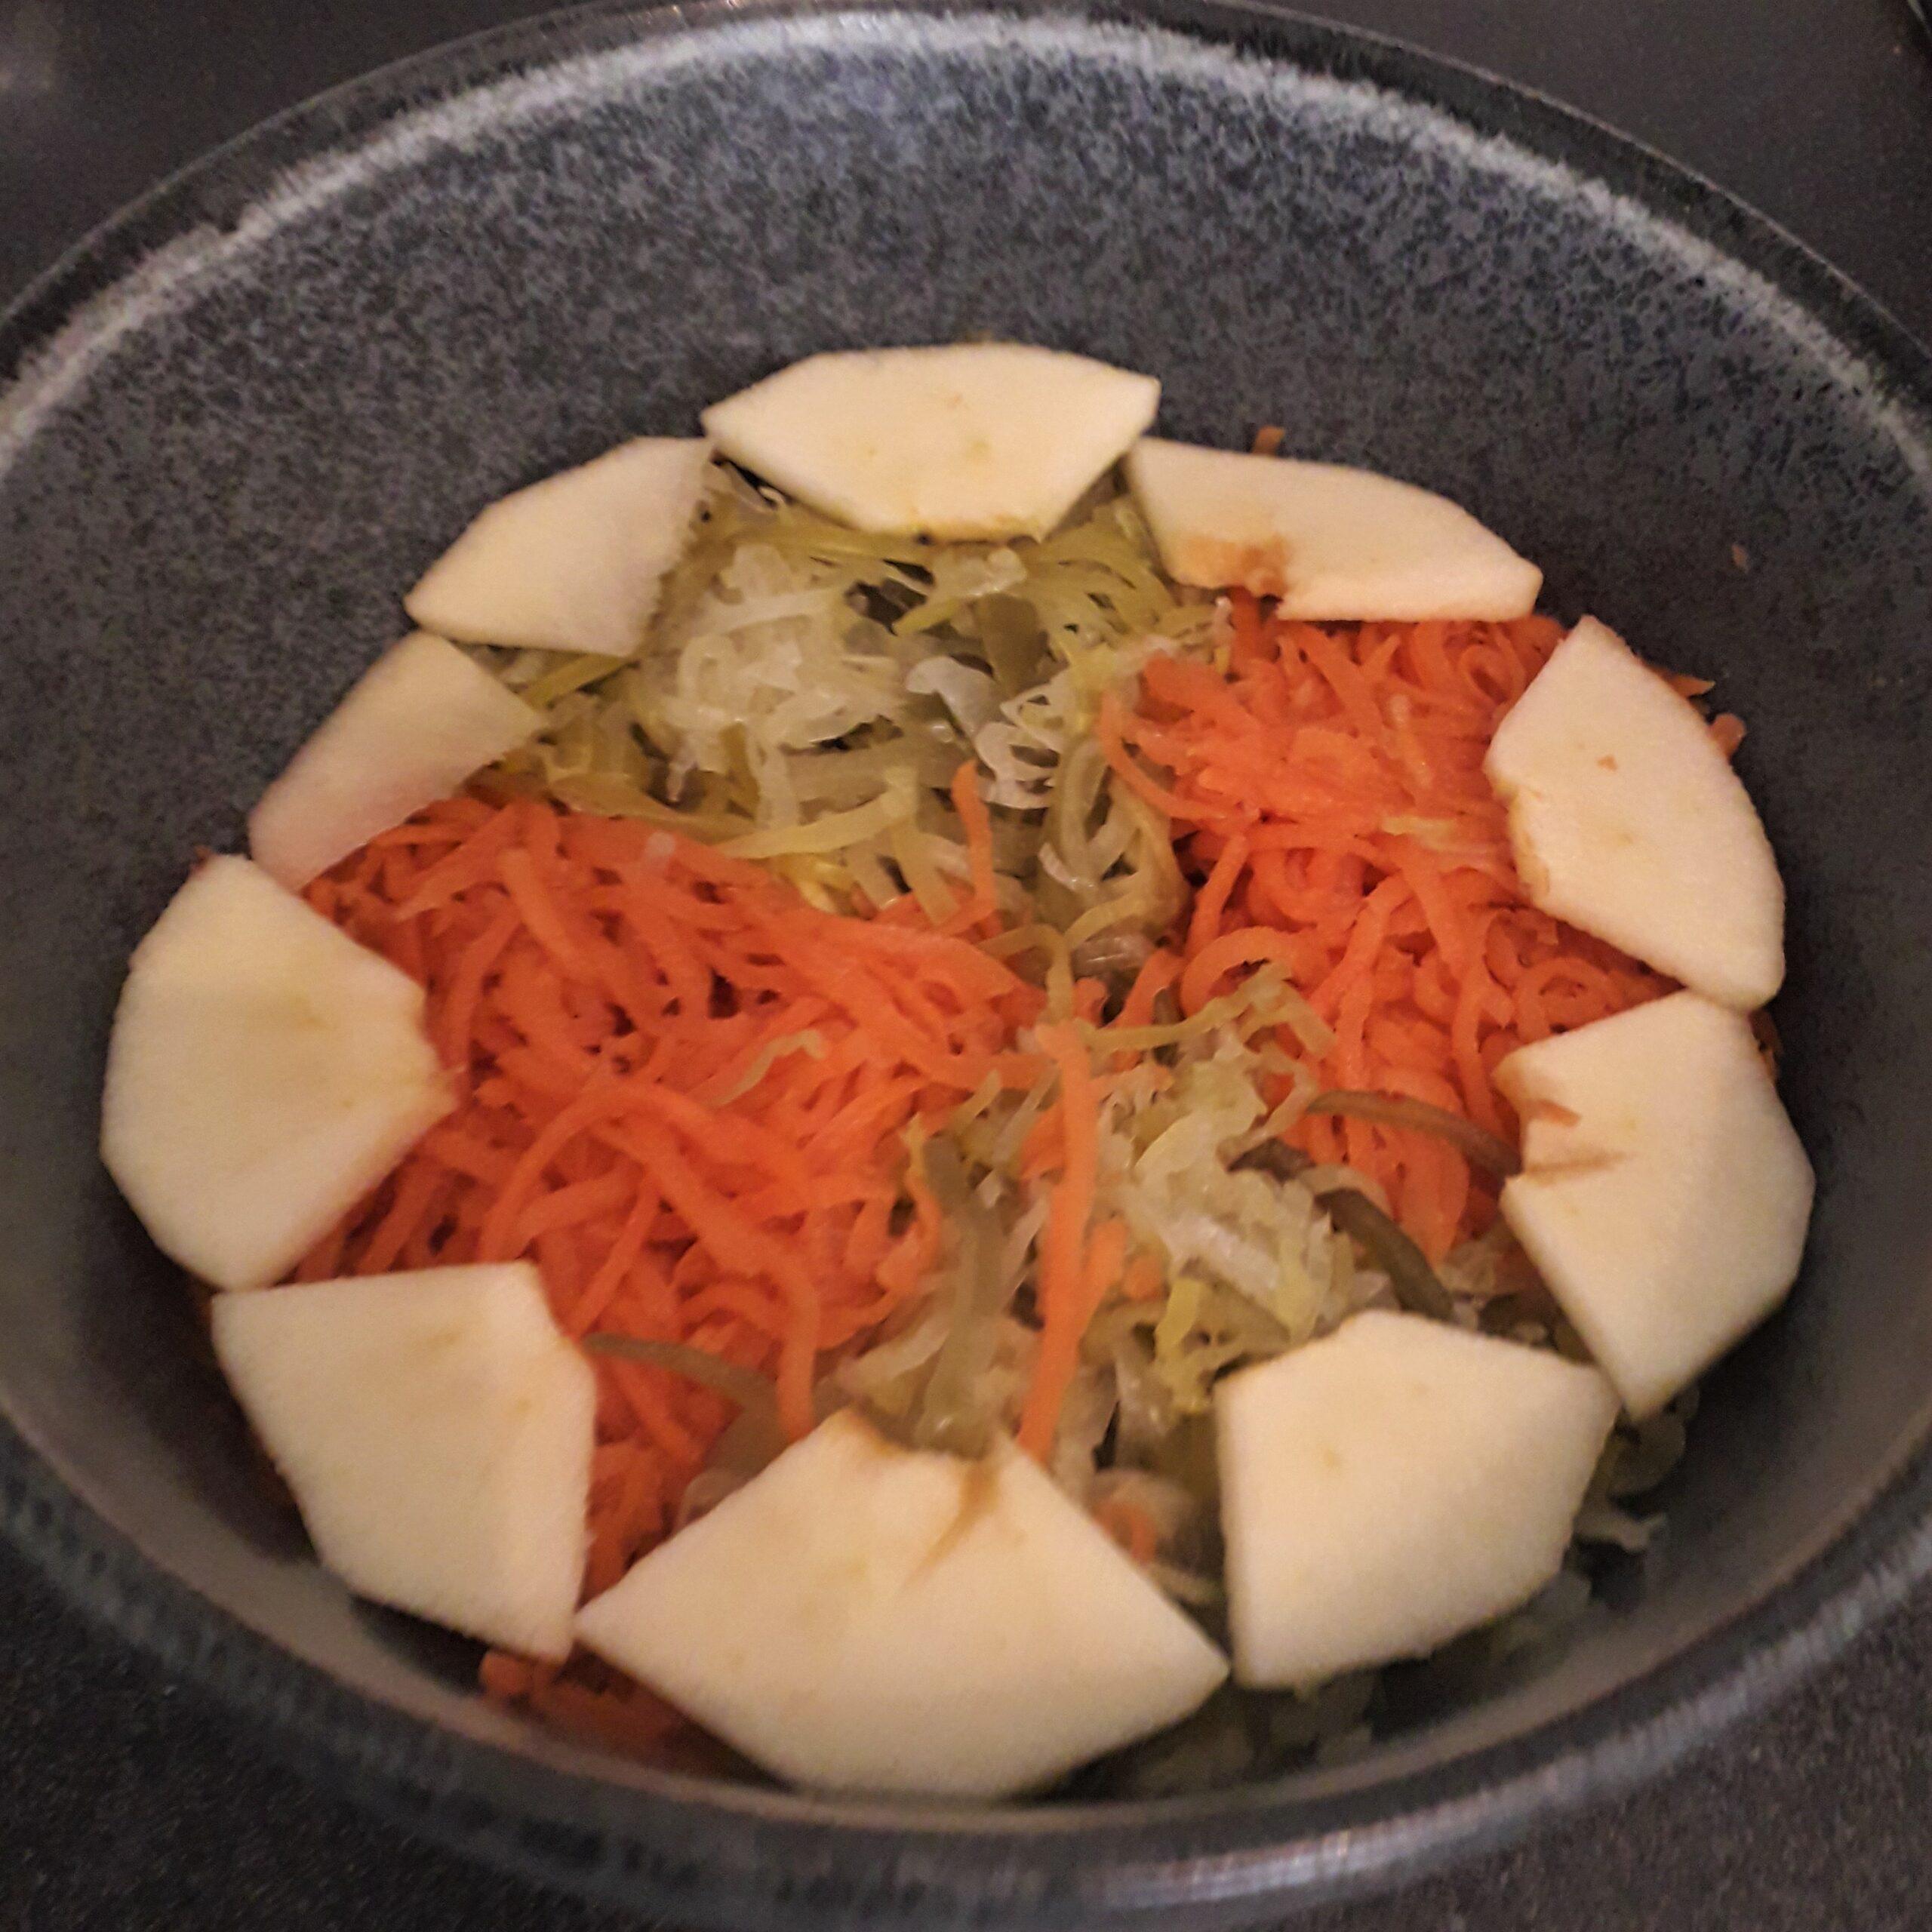 Salade poireau fermenté et carotte fermenté fait à partir de légumes fermentés bio cultivé en Île-de-France